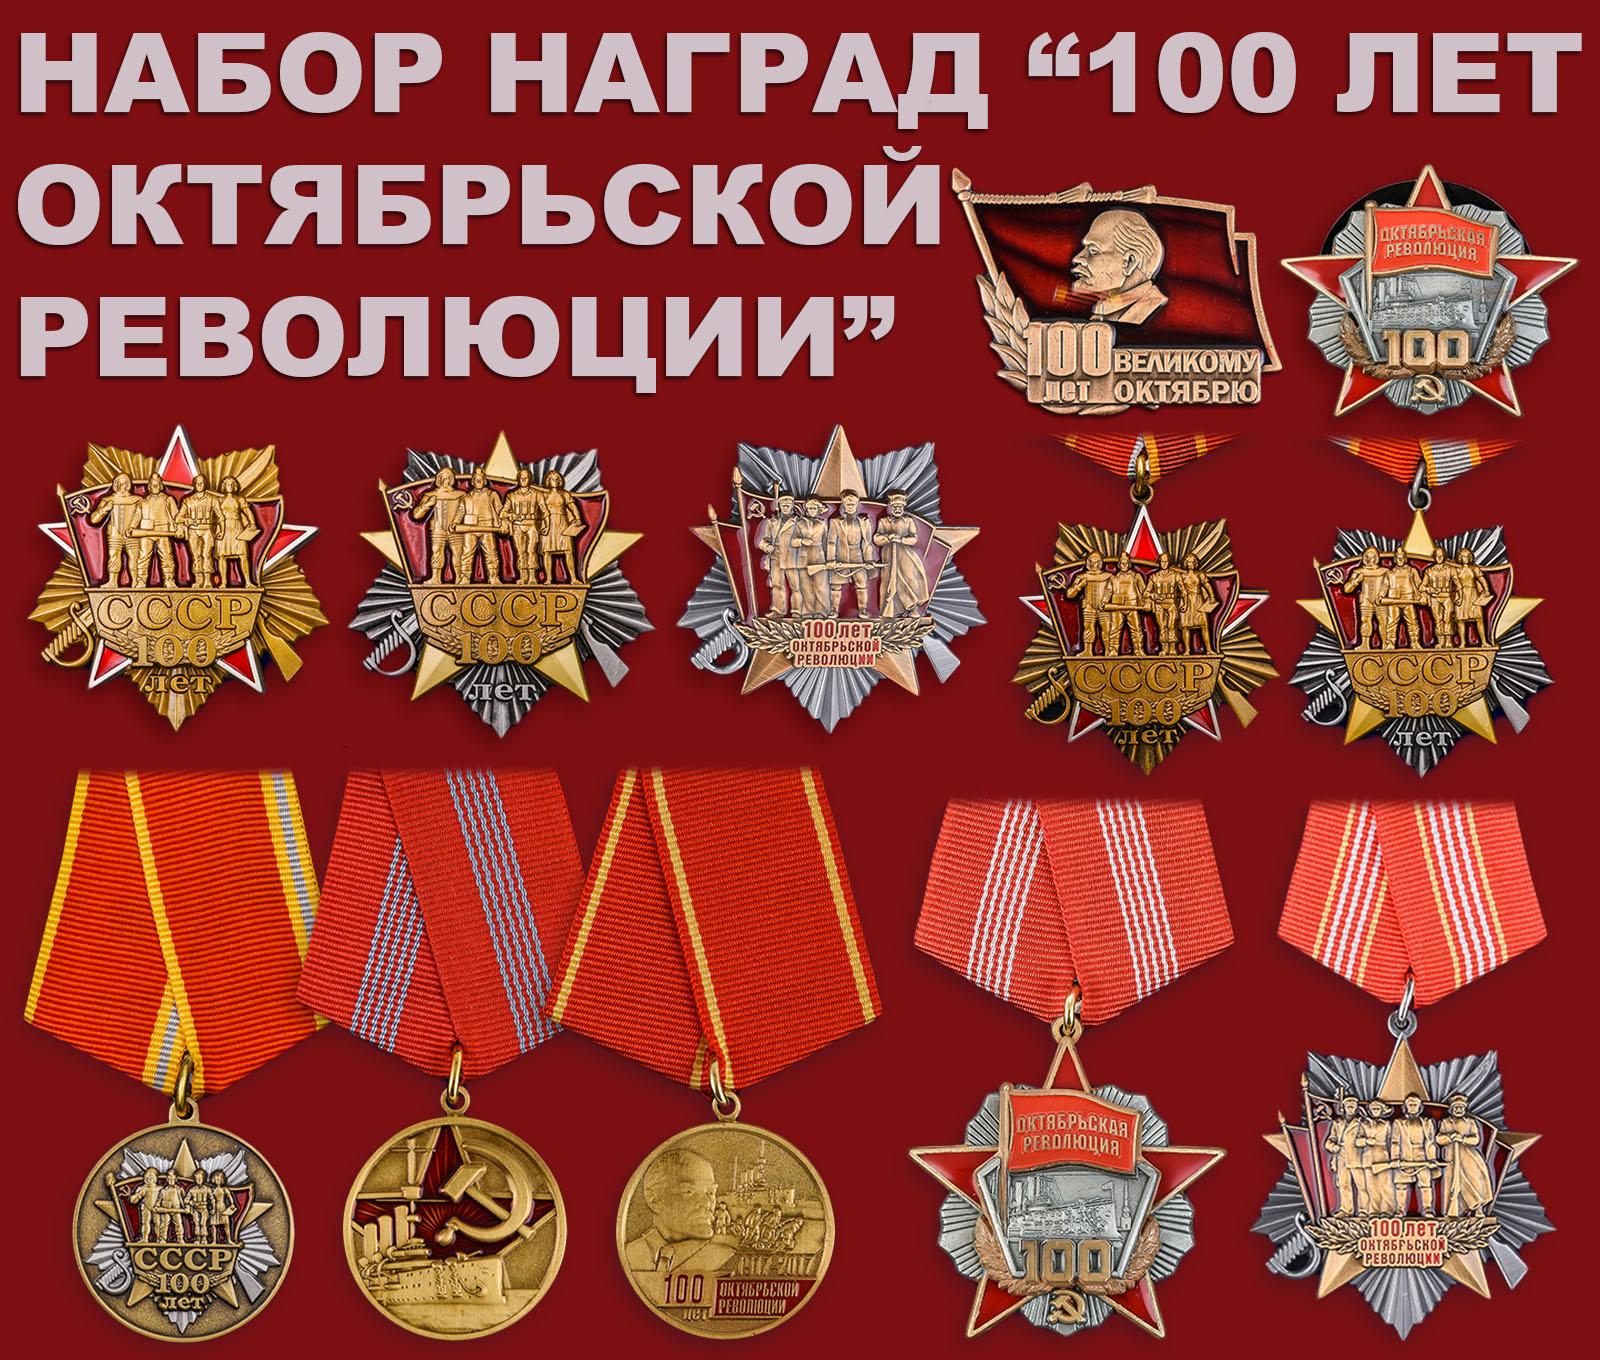 Набор наград 100 лет Октябрьской революции